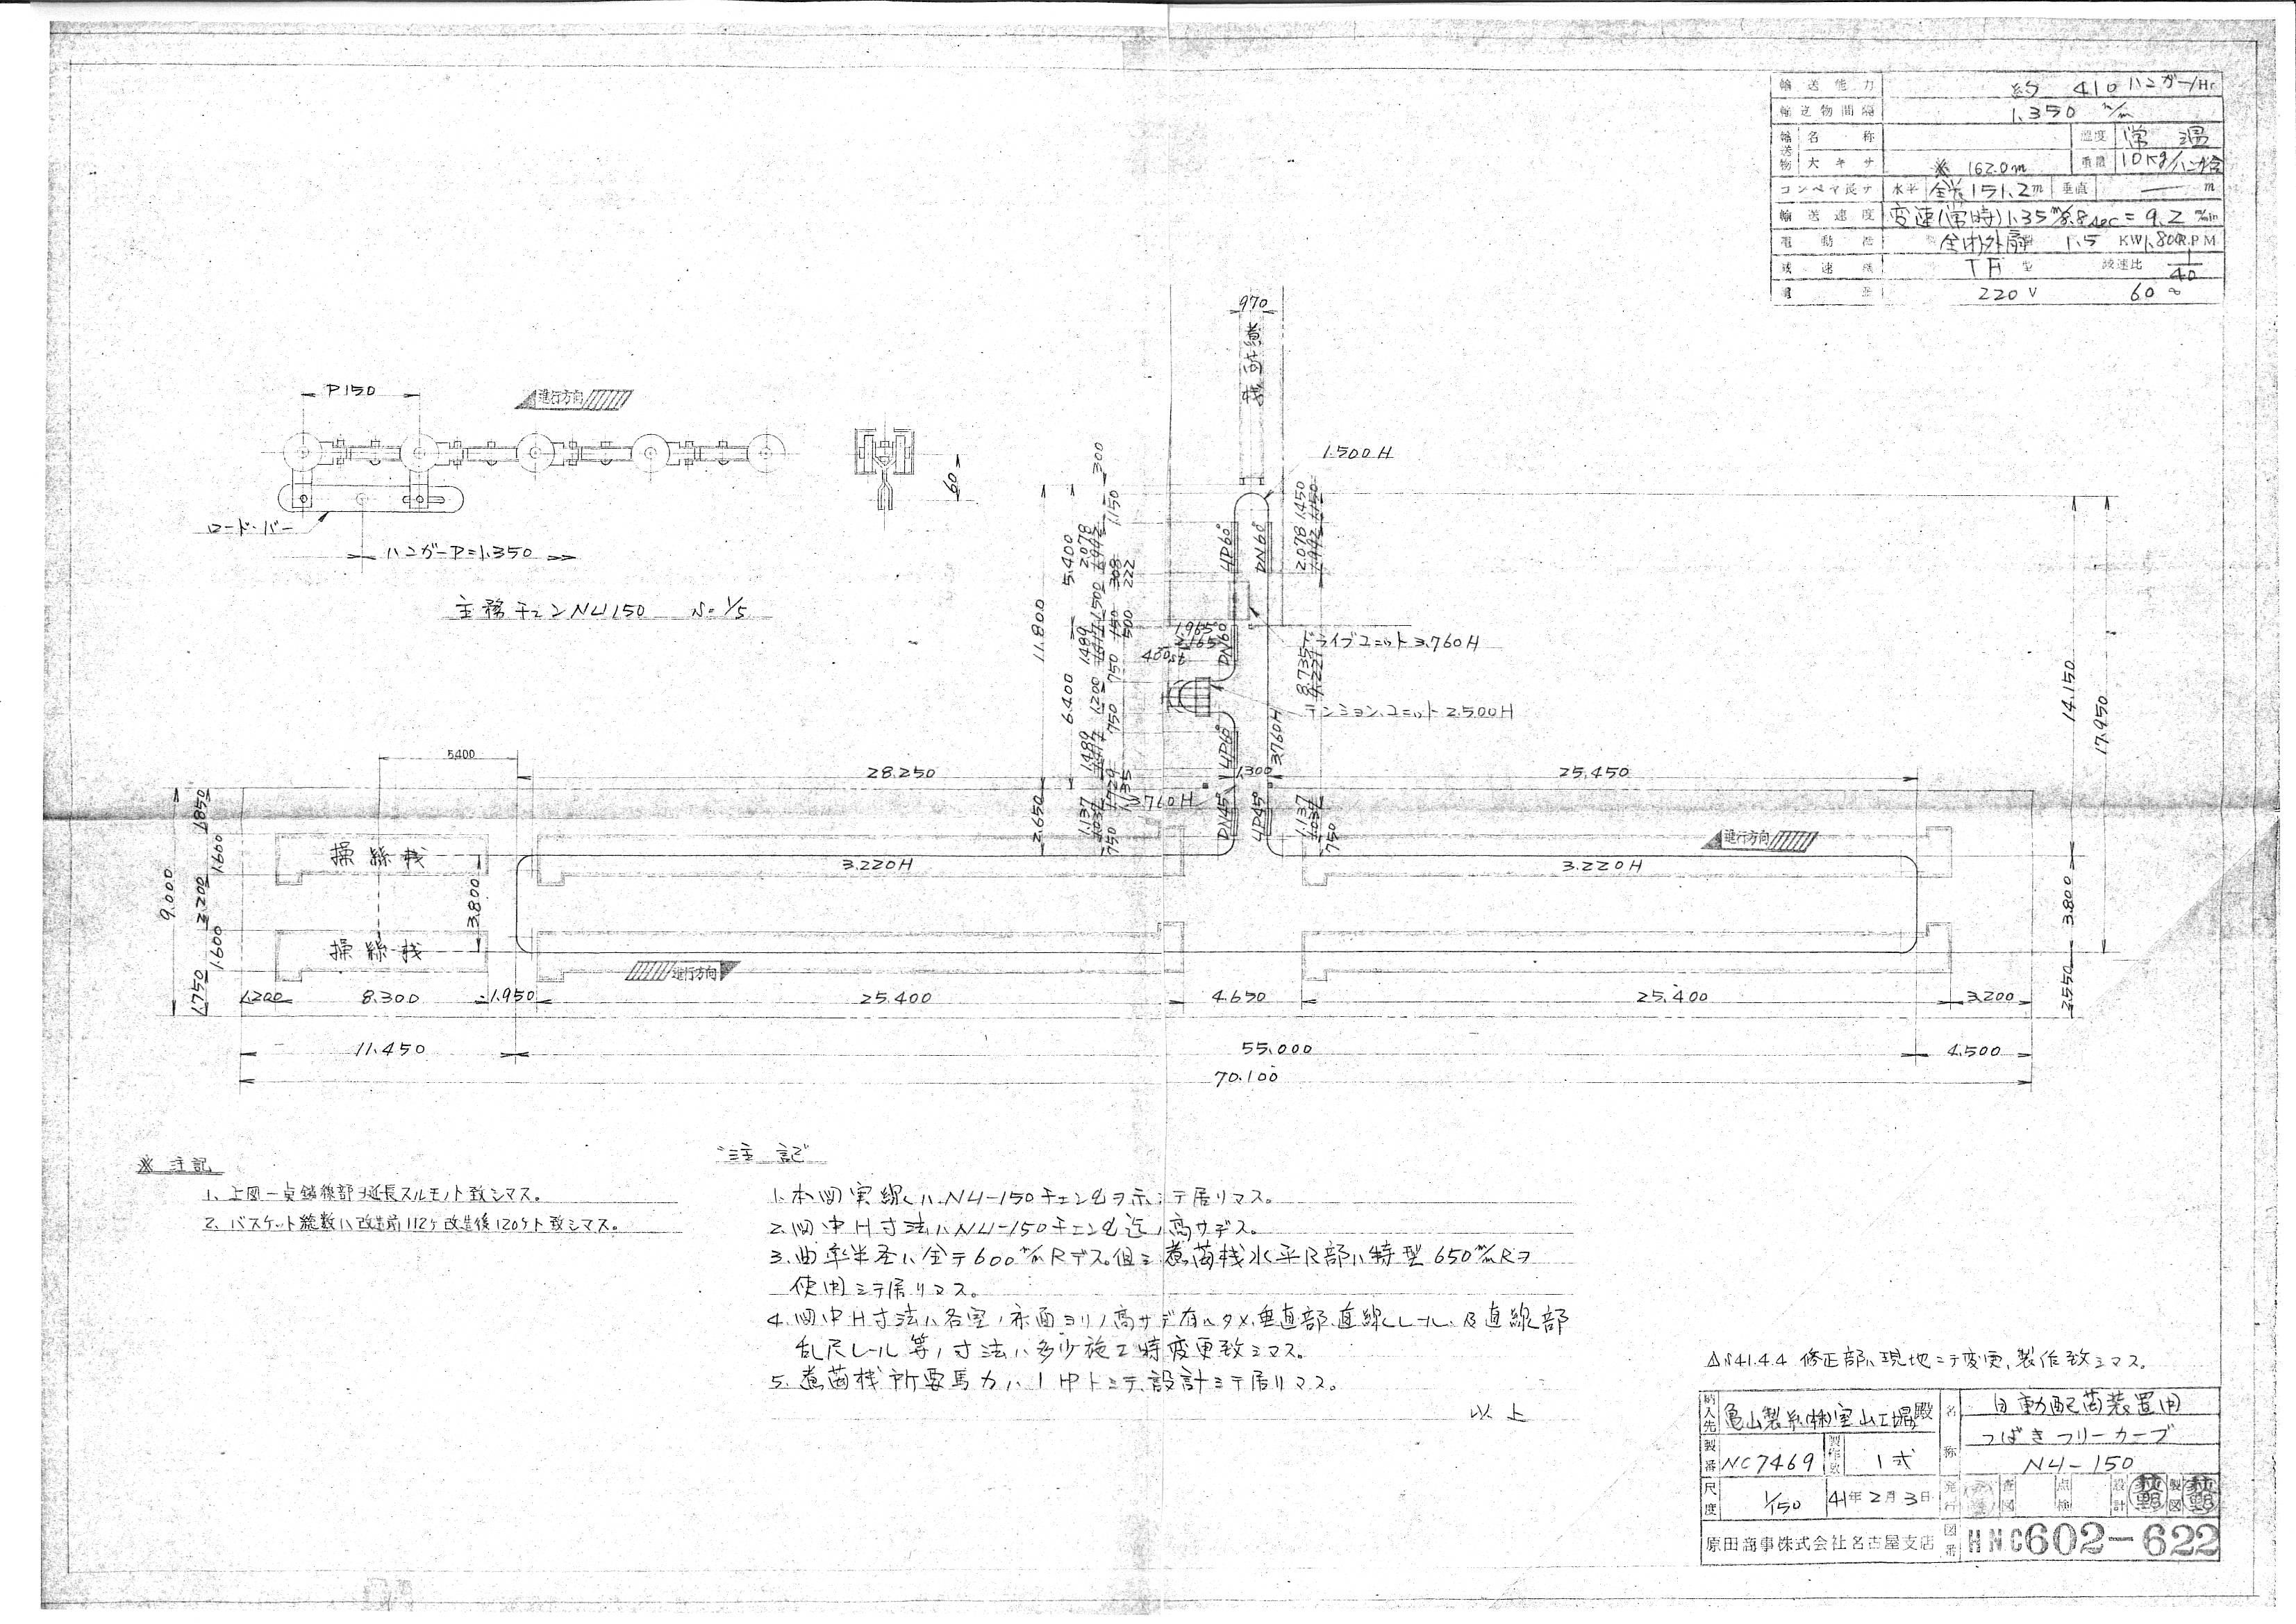 亀山製糸室山工場